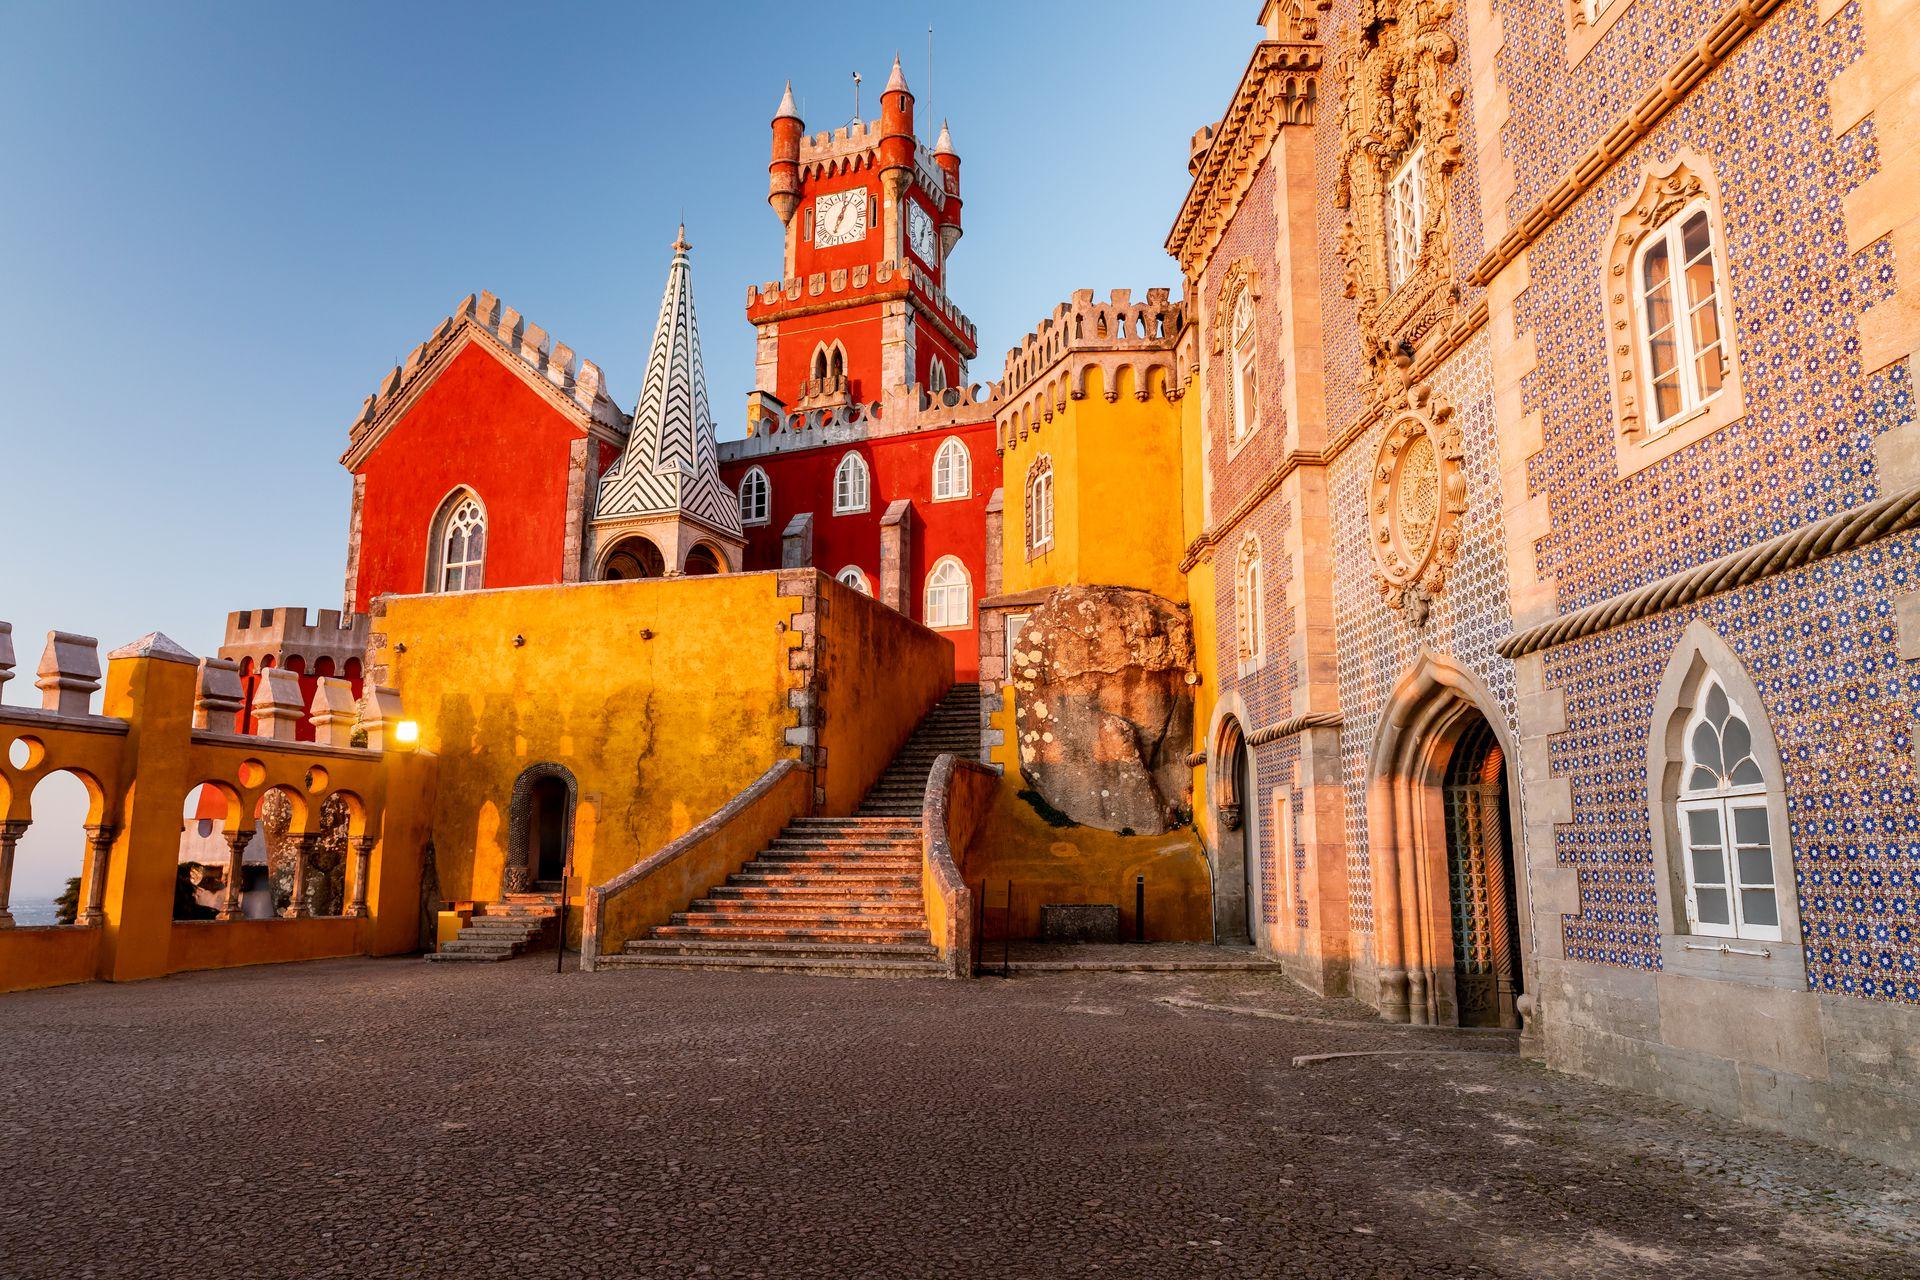 El palacio da Pena, entre amarillos y rosas que hablan de distintas etapas.